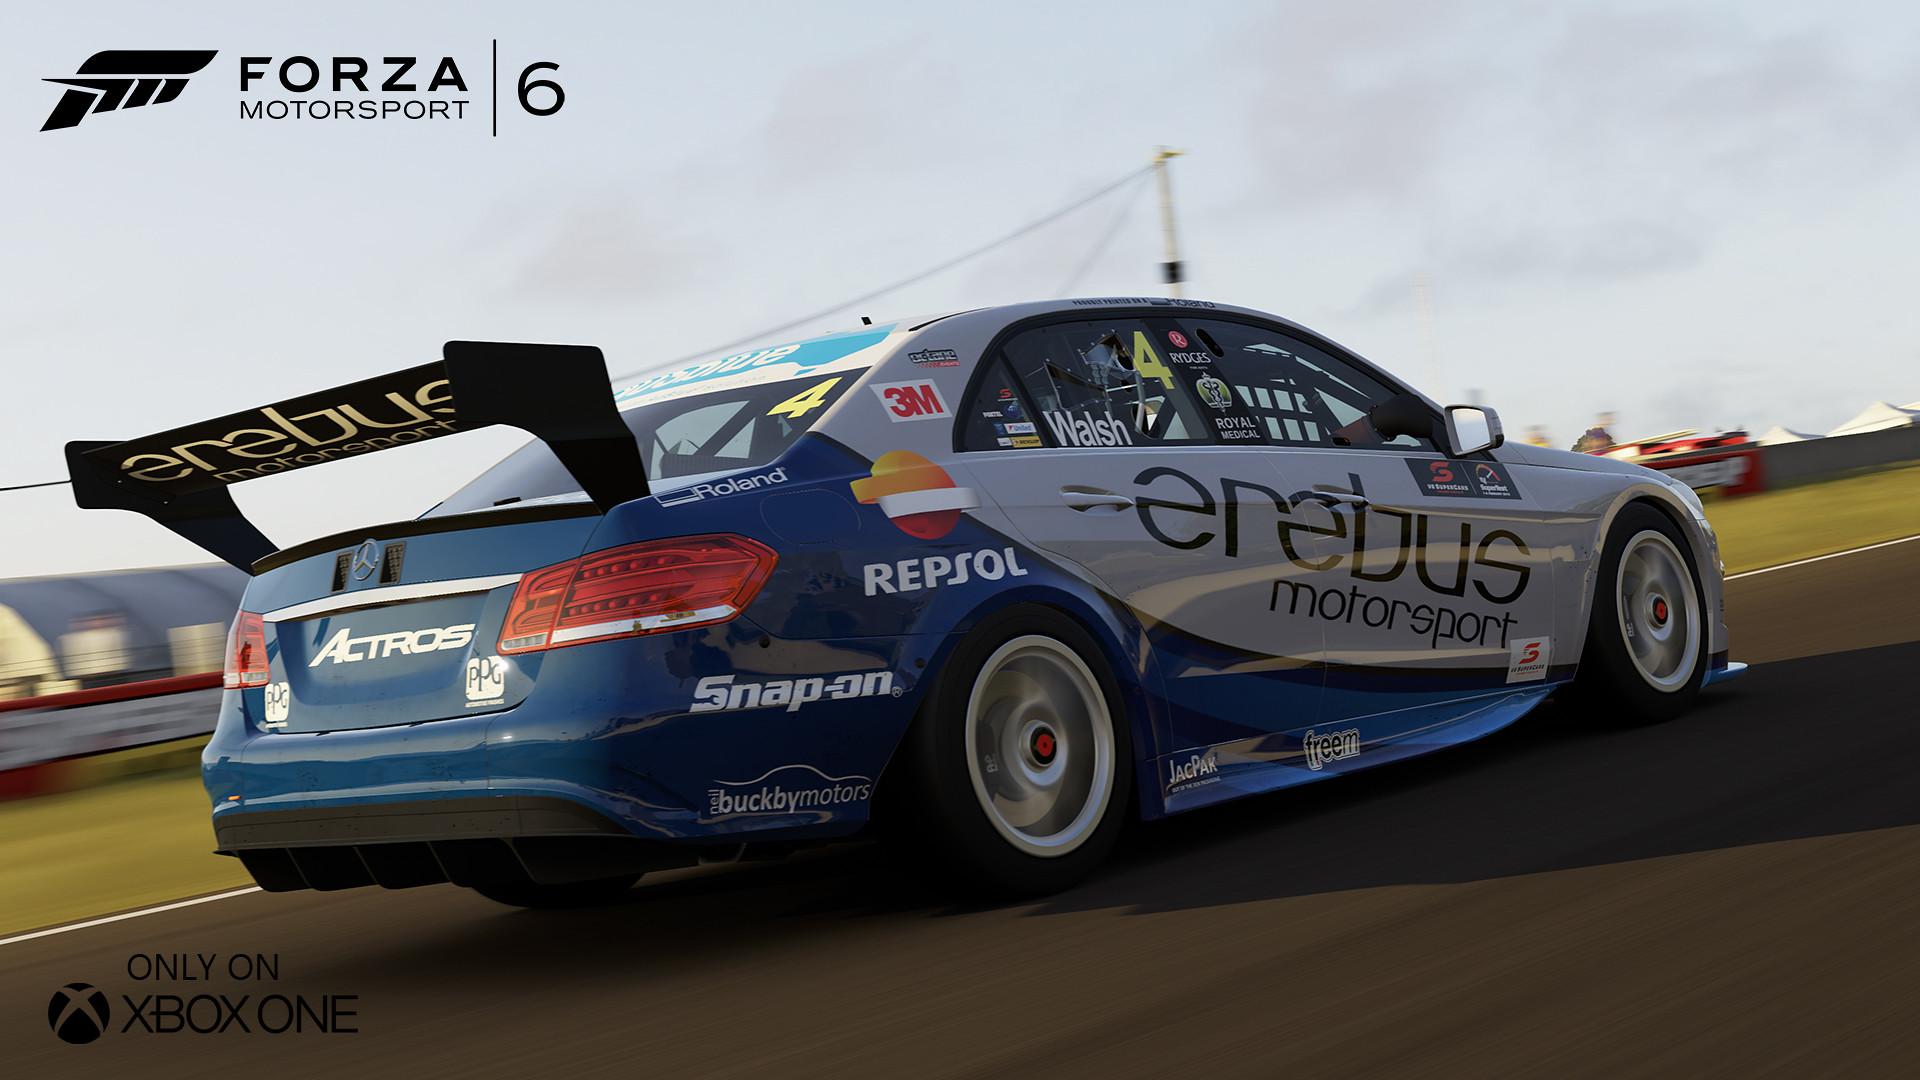 V8Supercars_Mercedes_4_E63_WM_Forza6